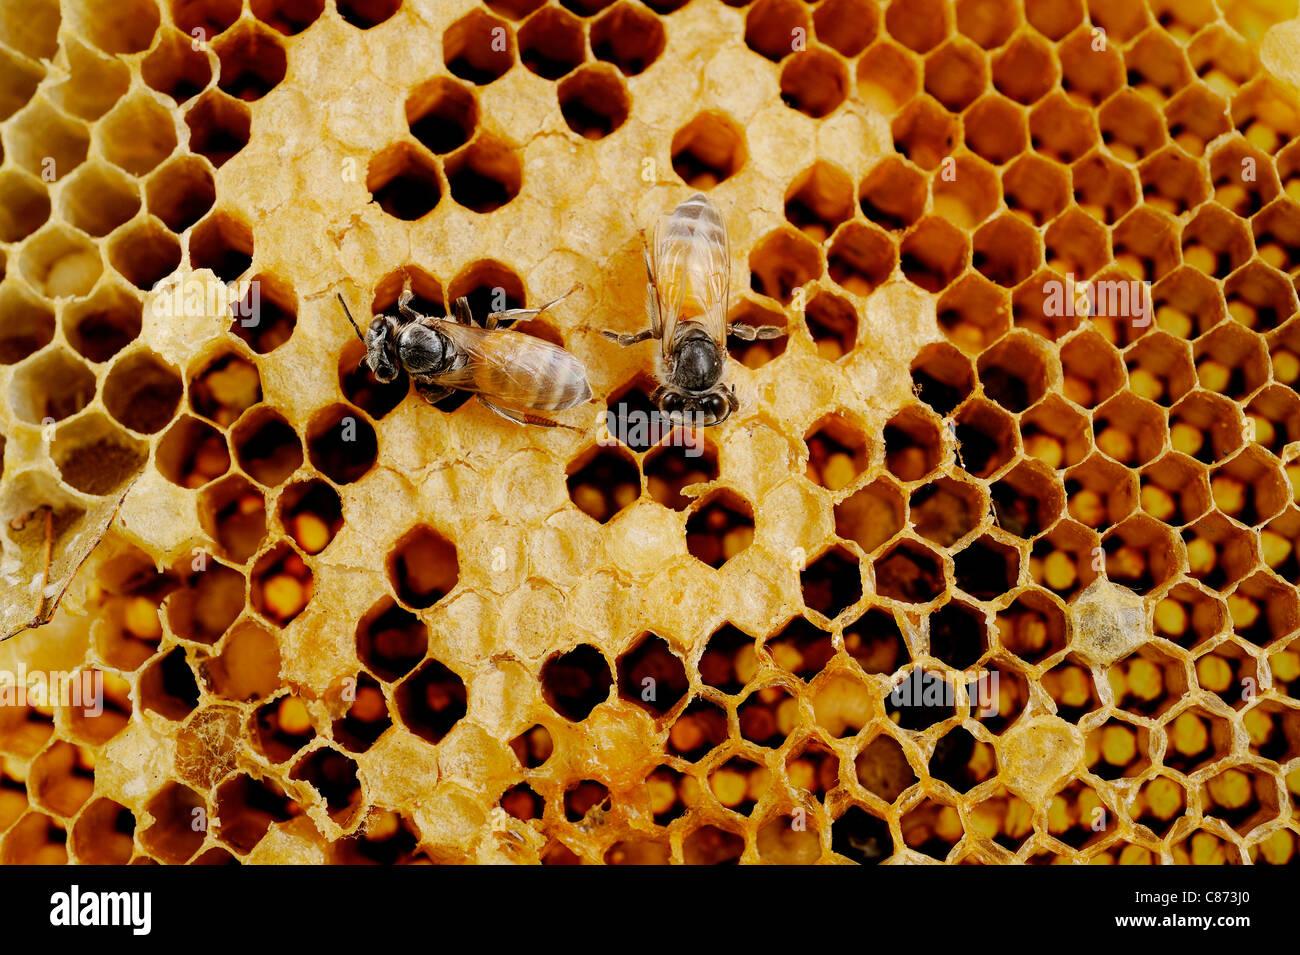 bee on honeycomb - Stock Image